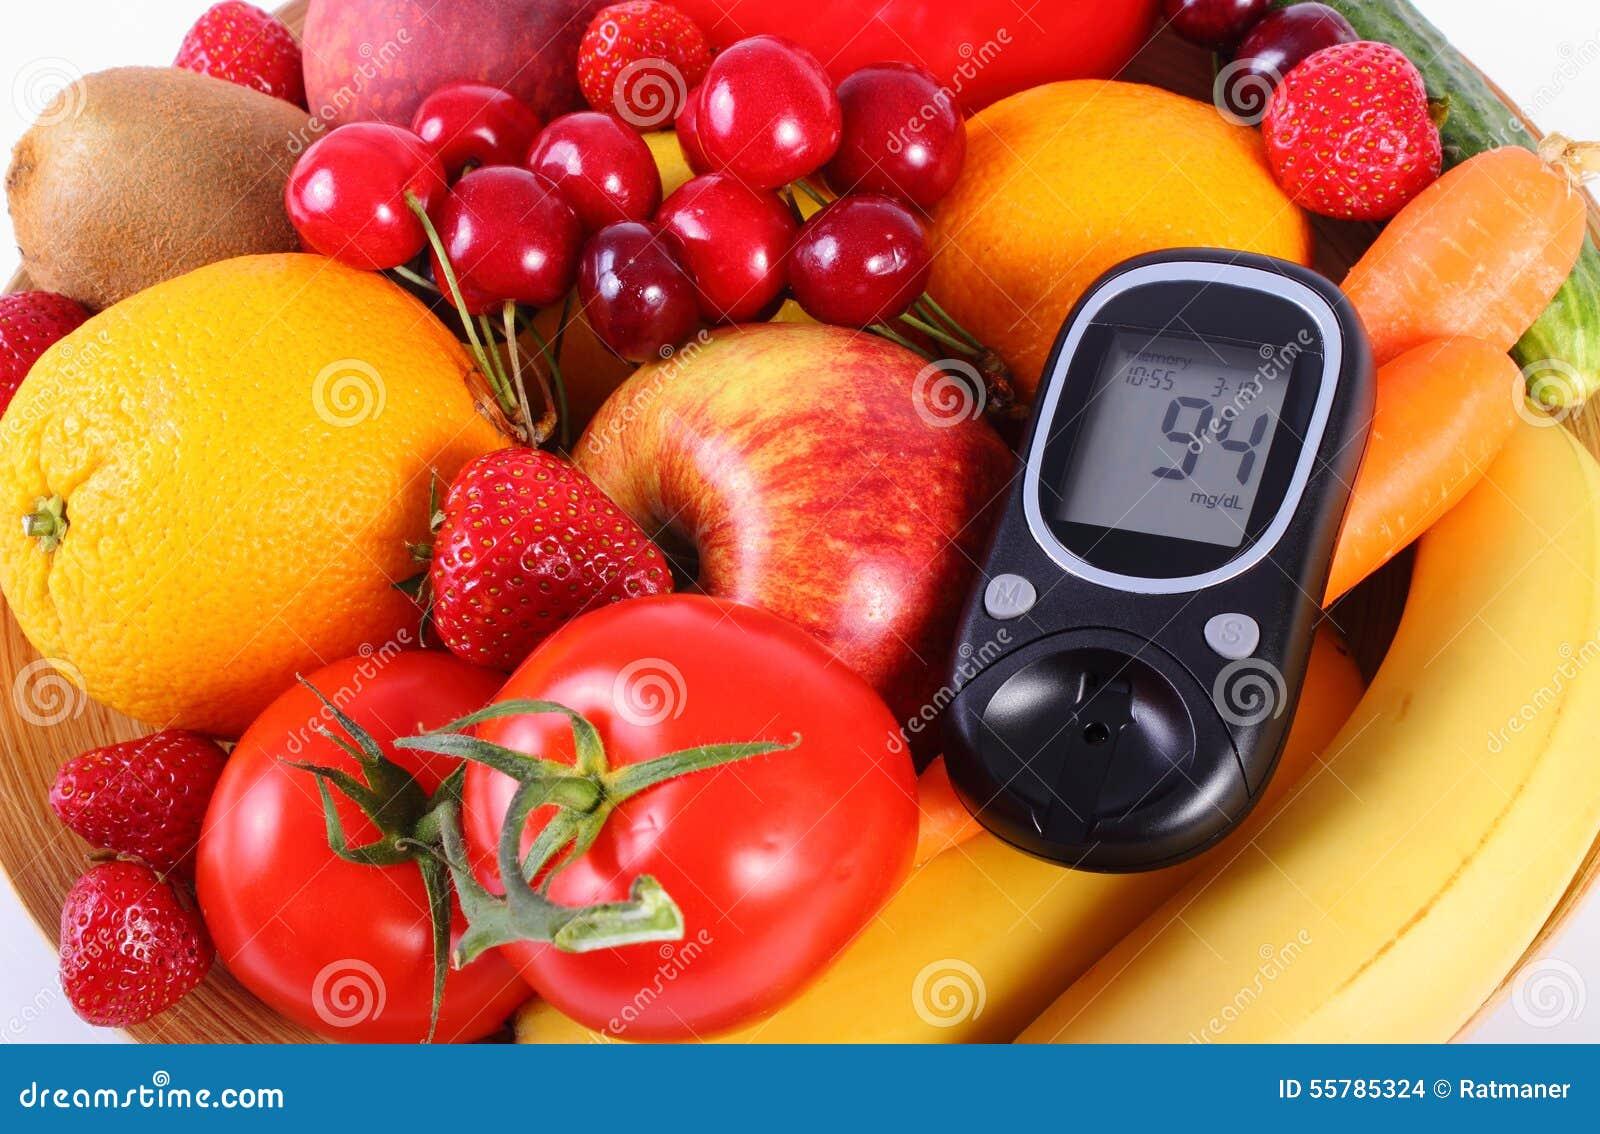 Что из фруктов можно есть при диабете